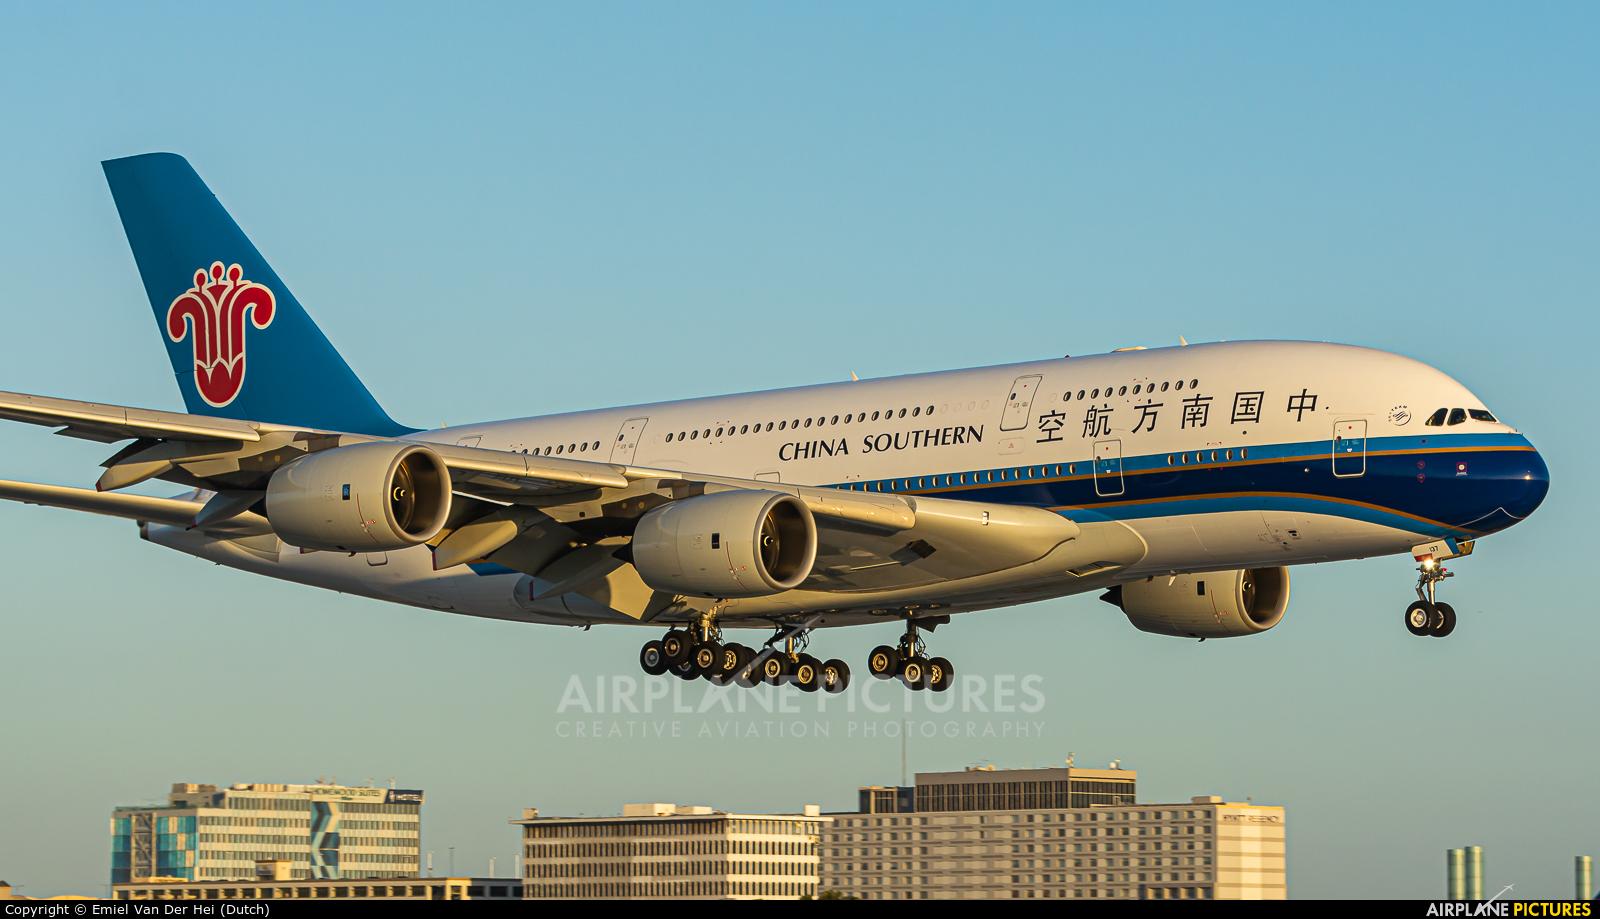 China Southern Airlines B-6137 aircraft at Los Angeles Intl